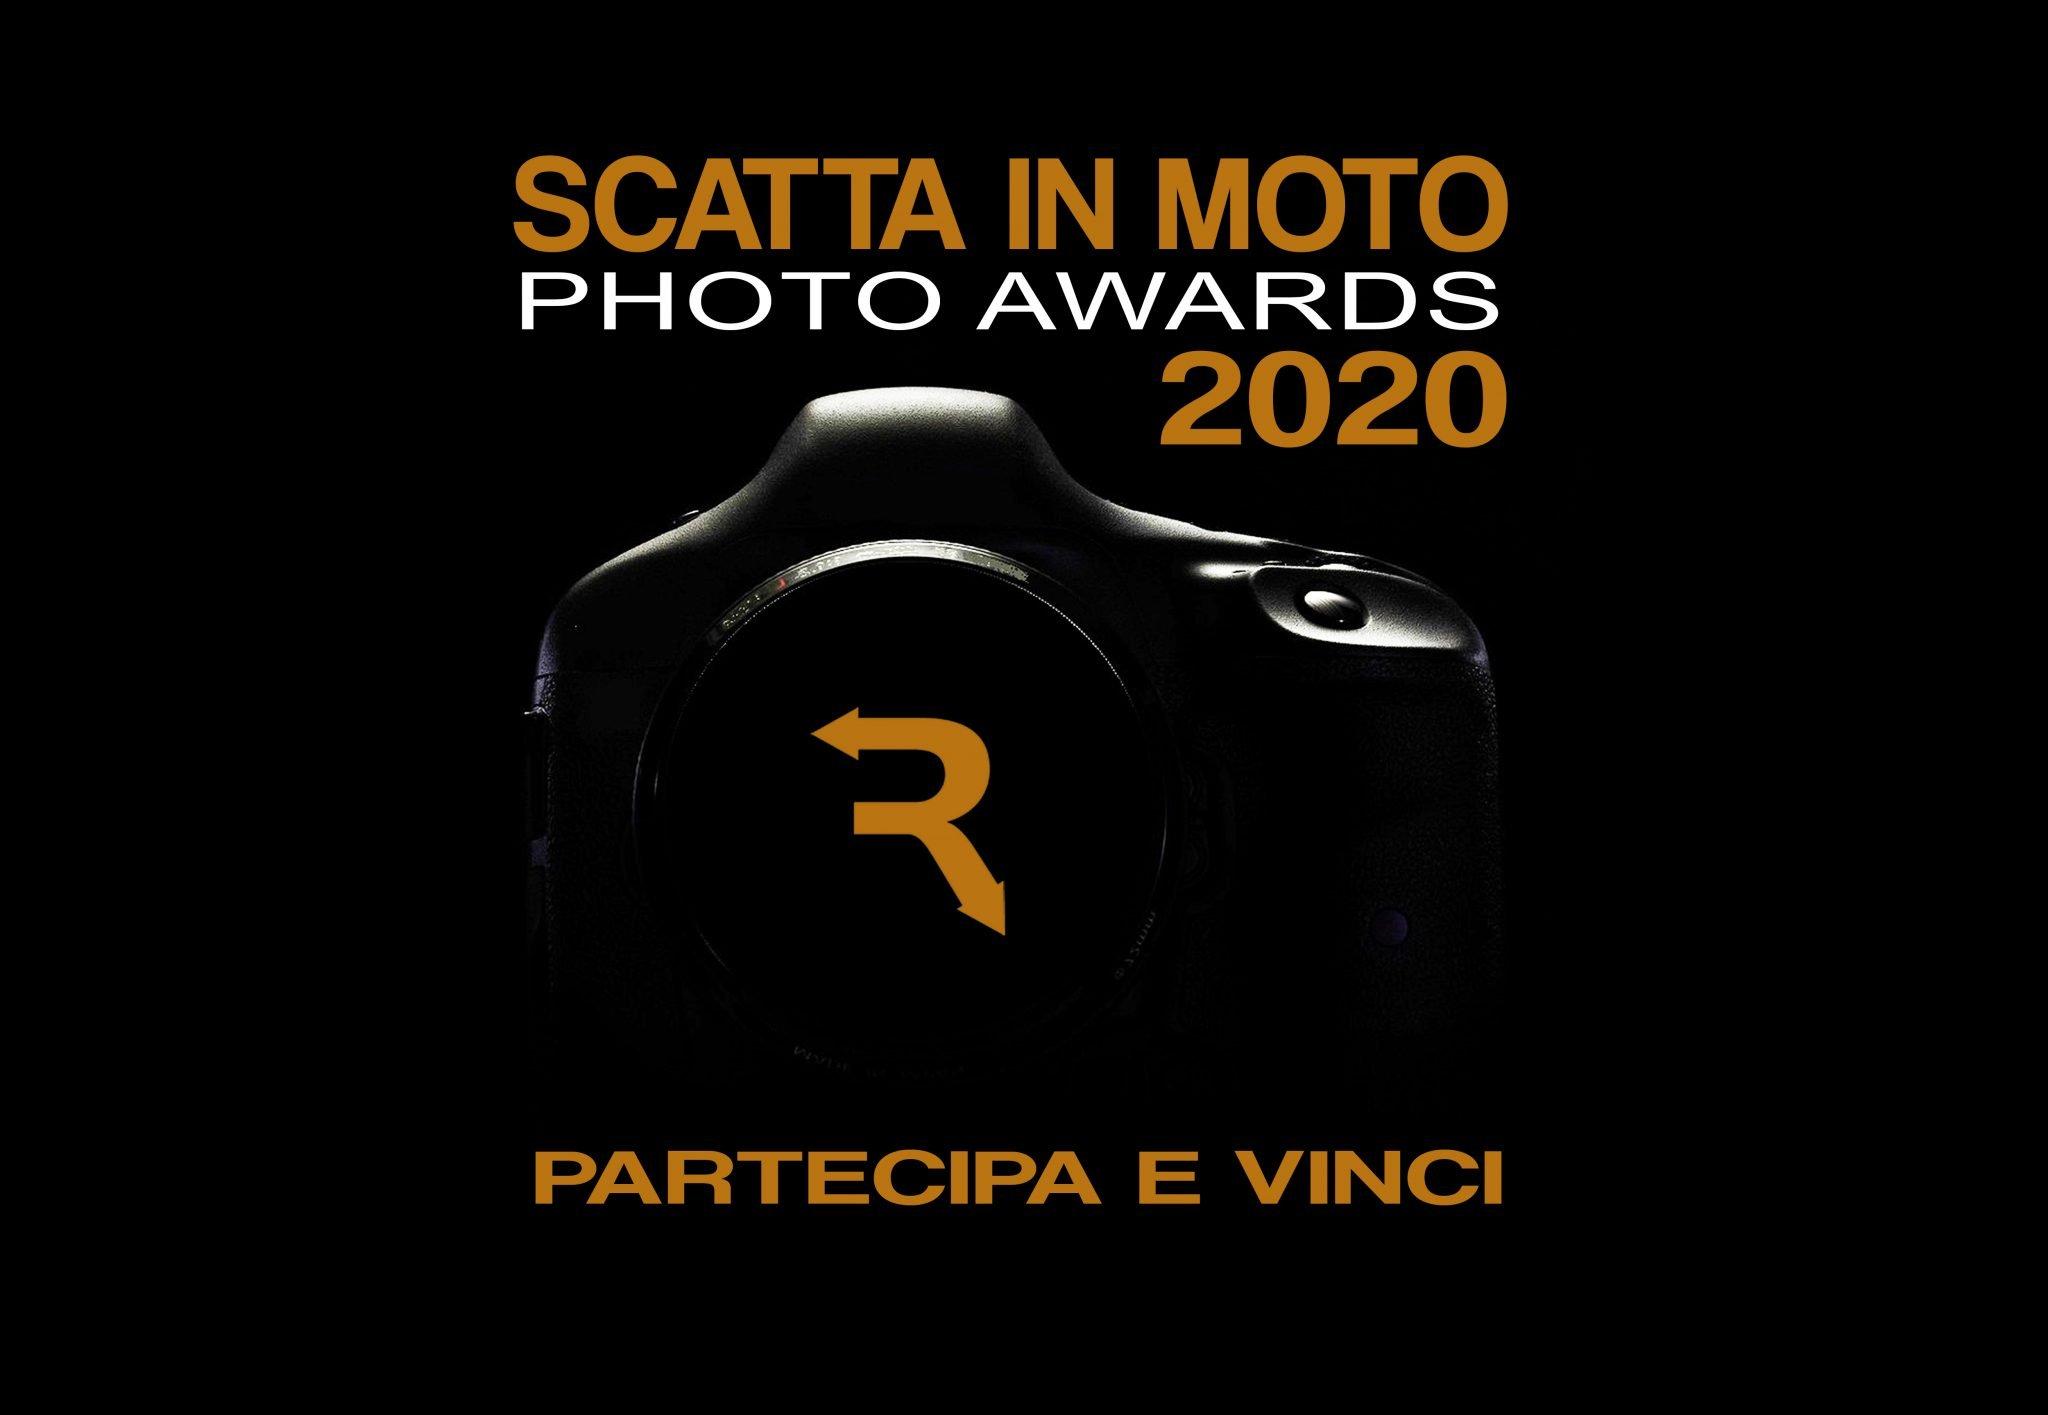 Scatta in moto concorso fotografico